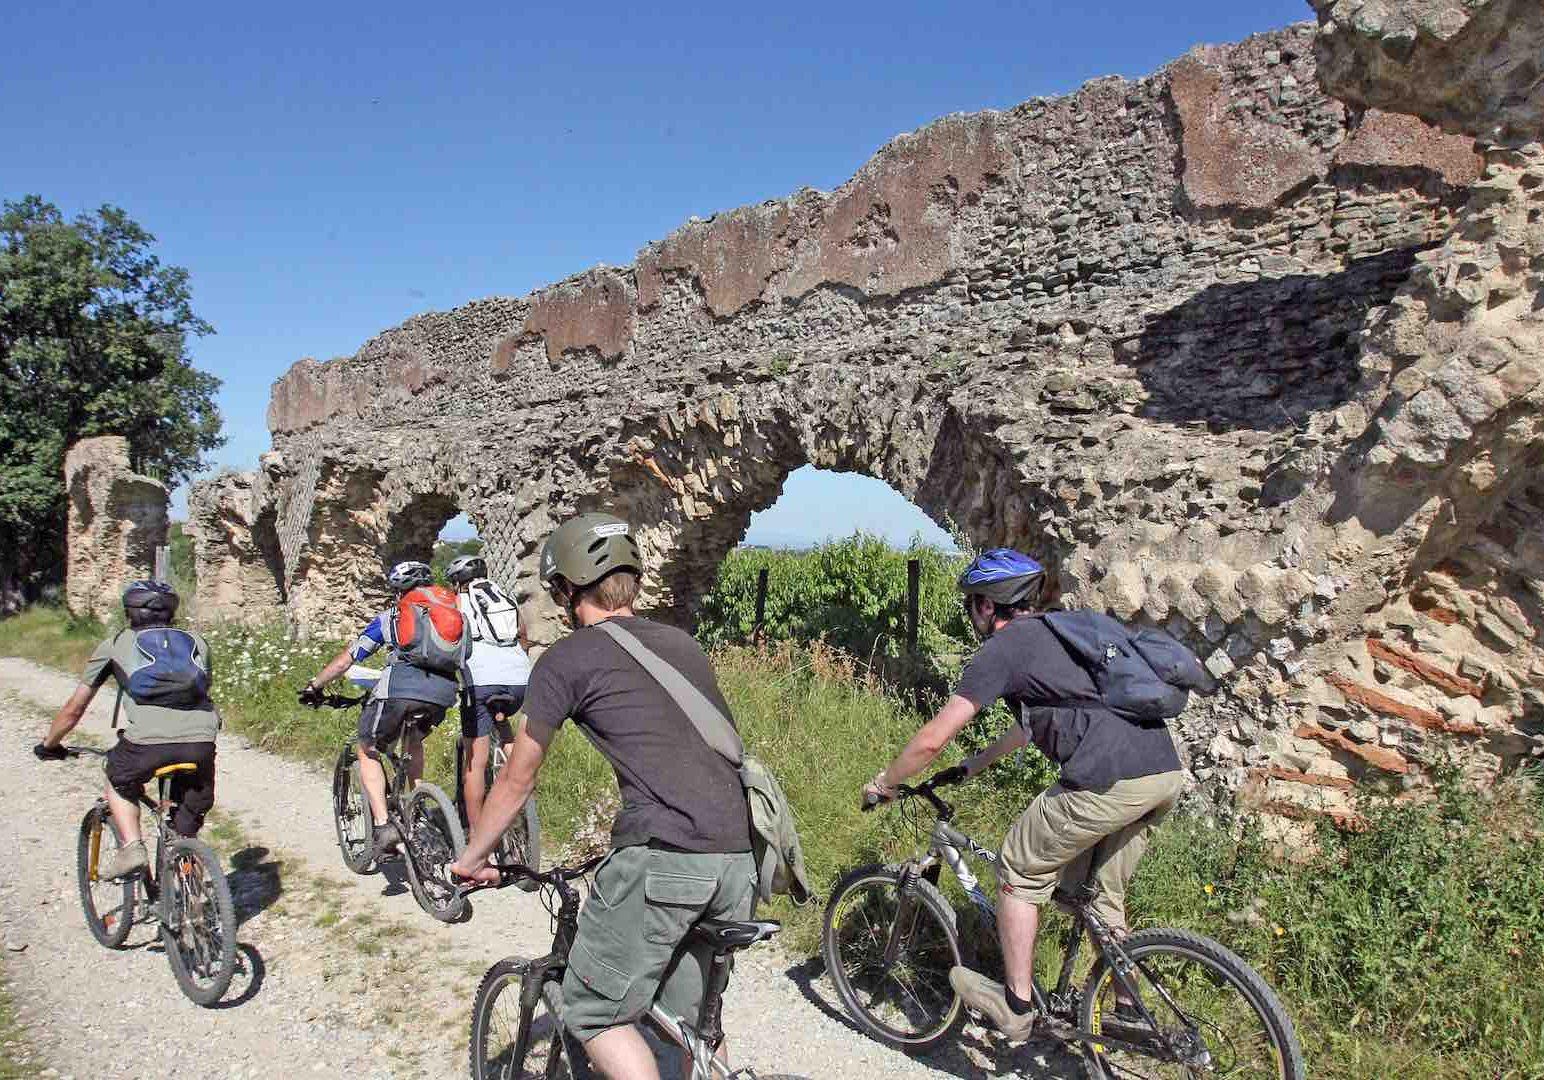 L'incontournable aqueduc Romain du Gier, à VTT !